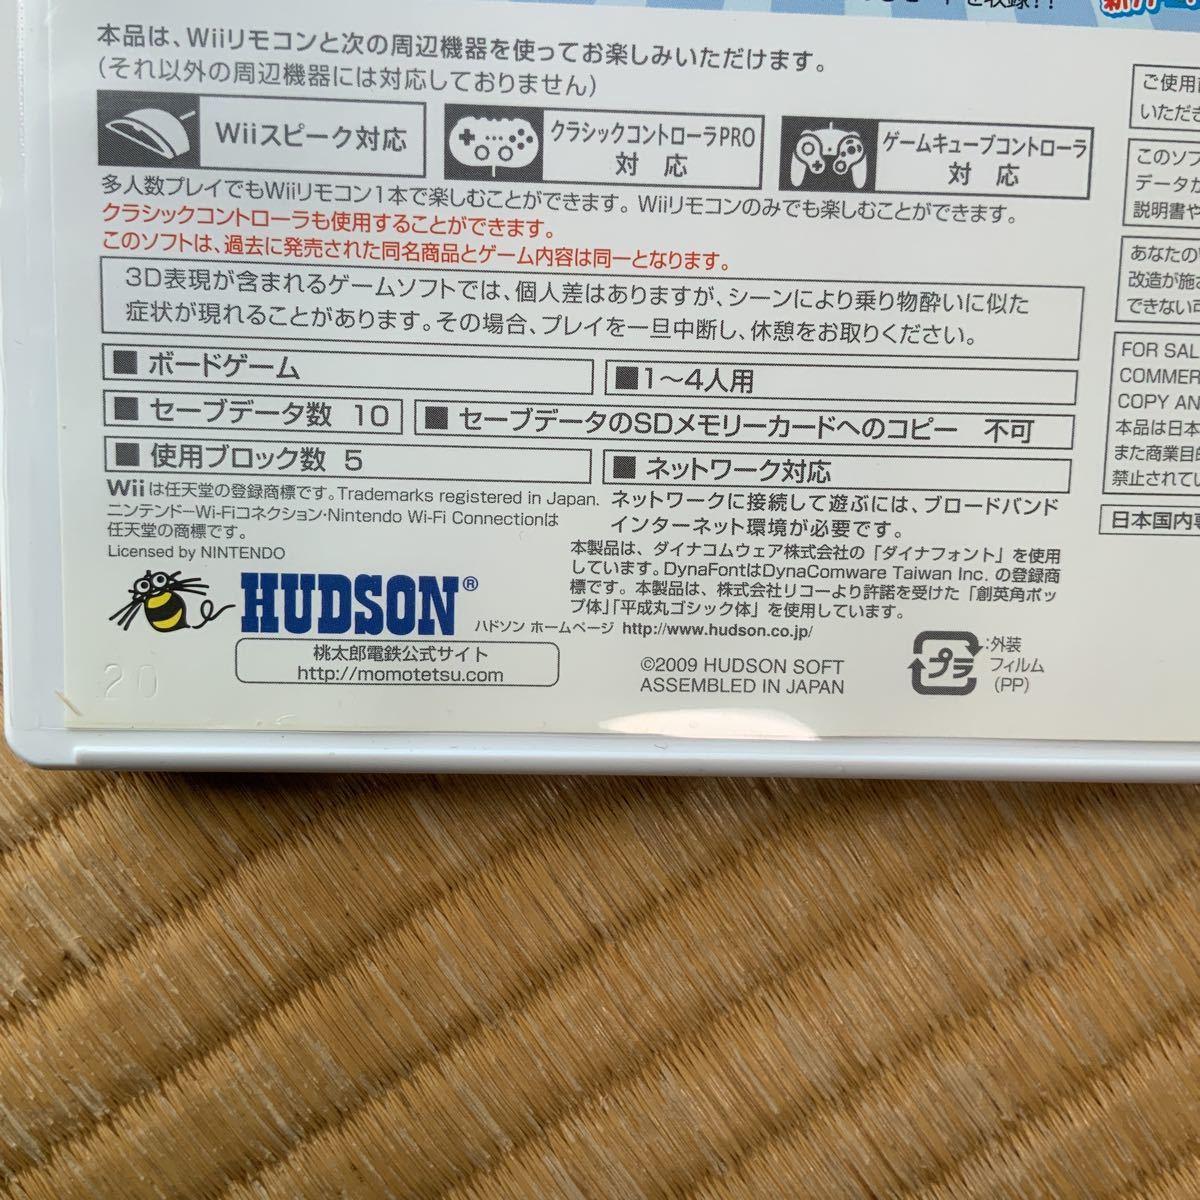 桃太郎電鉄2010 戦国・維新のヒーロー大集合!の巻 Wii_画像4